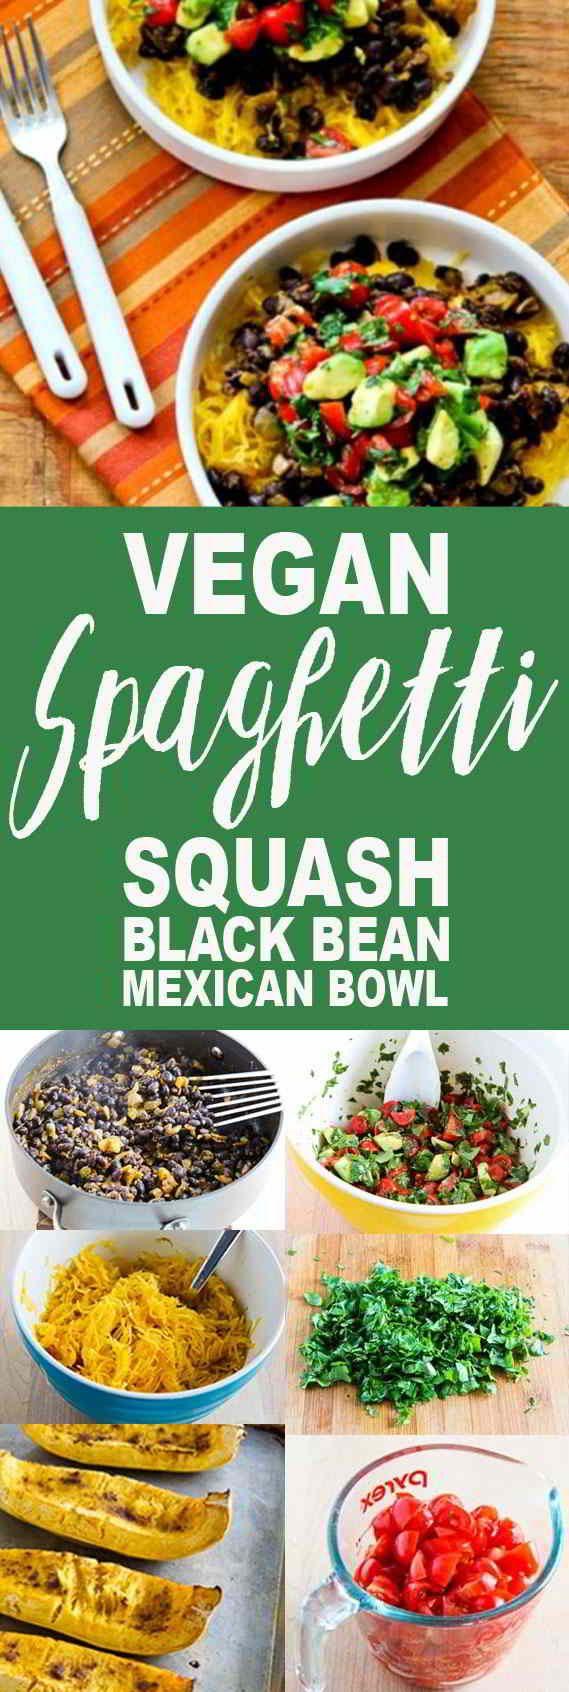 #spagettisquashrecipes